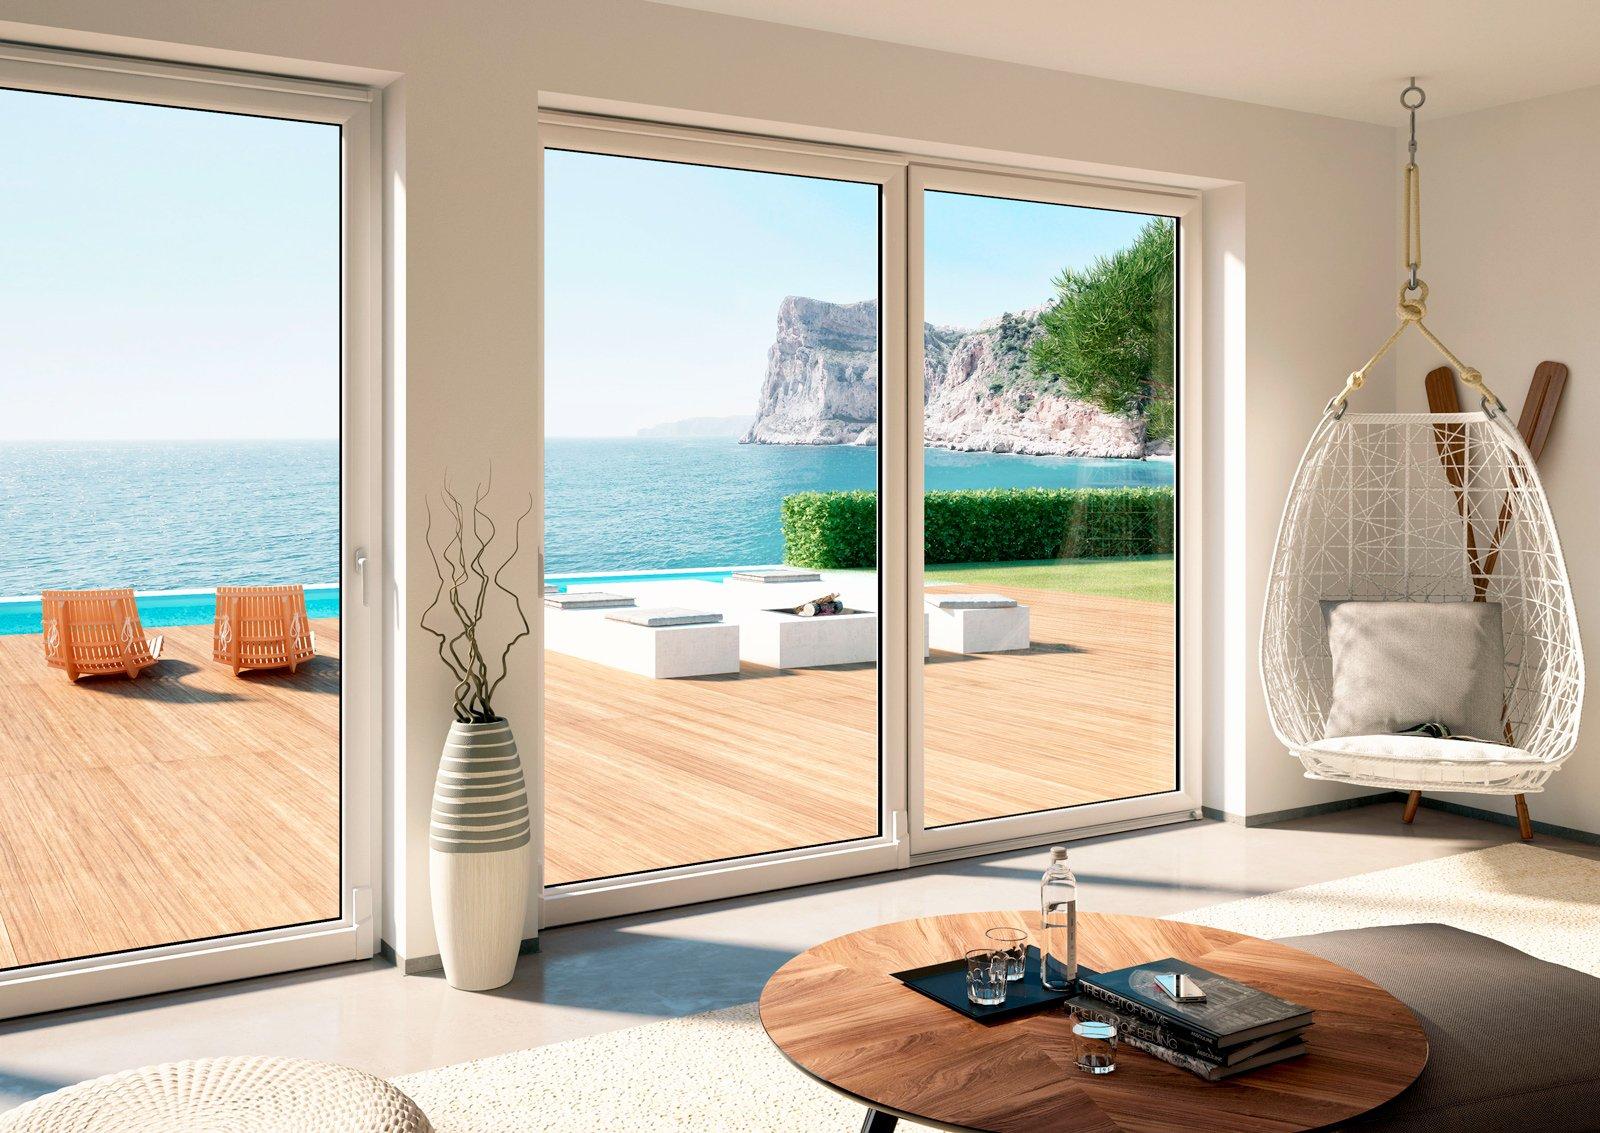 Vetrocamera delle finestre come fatta e quanto costa cose di casa - Quanto costa una porta finestra in pvc ...